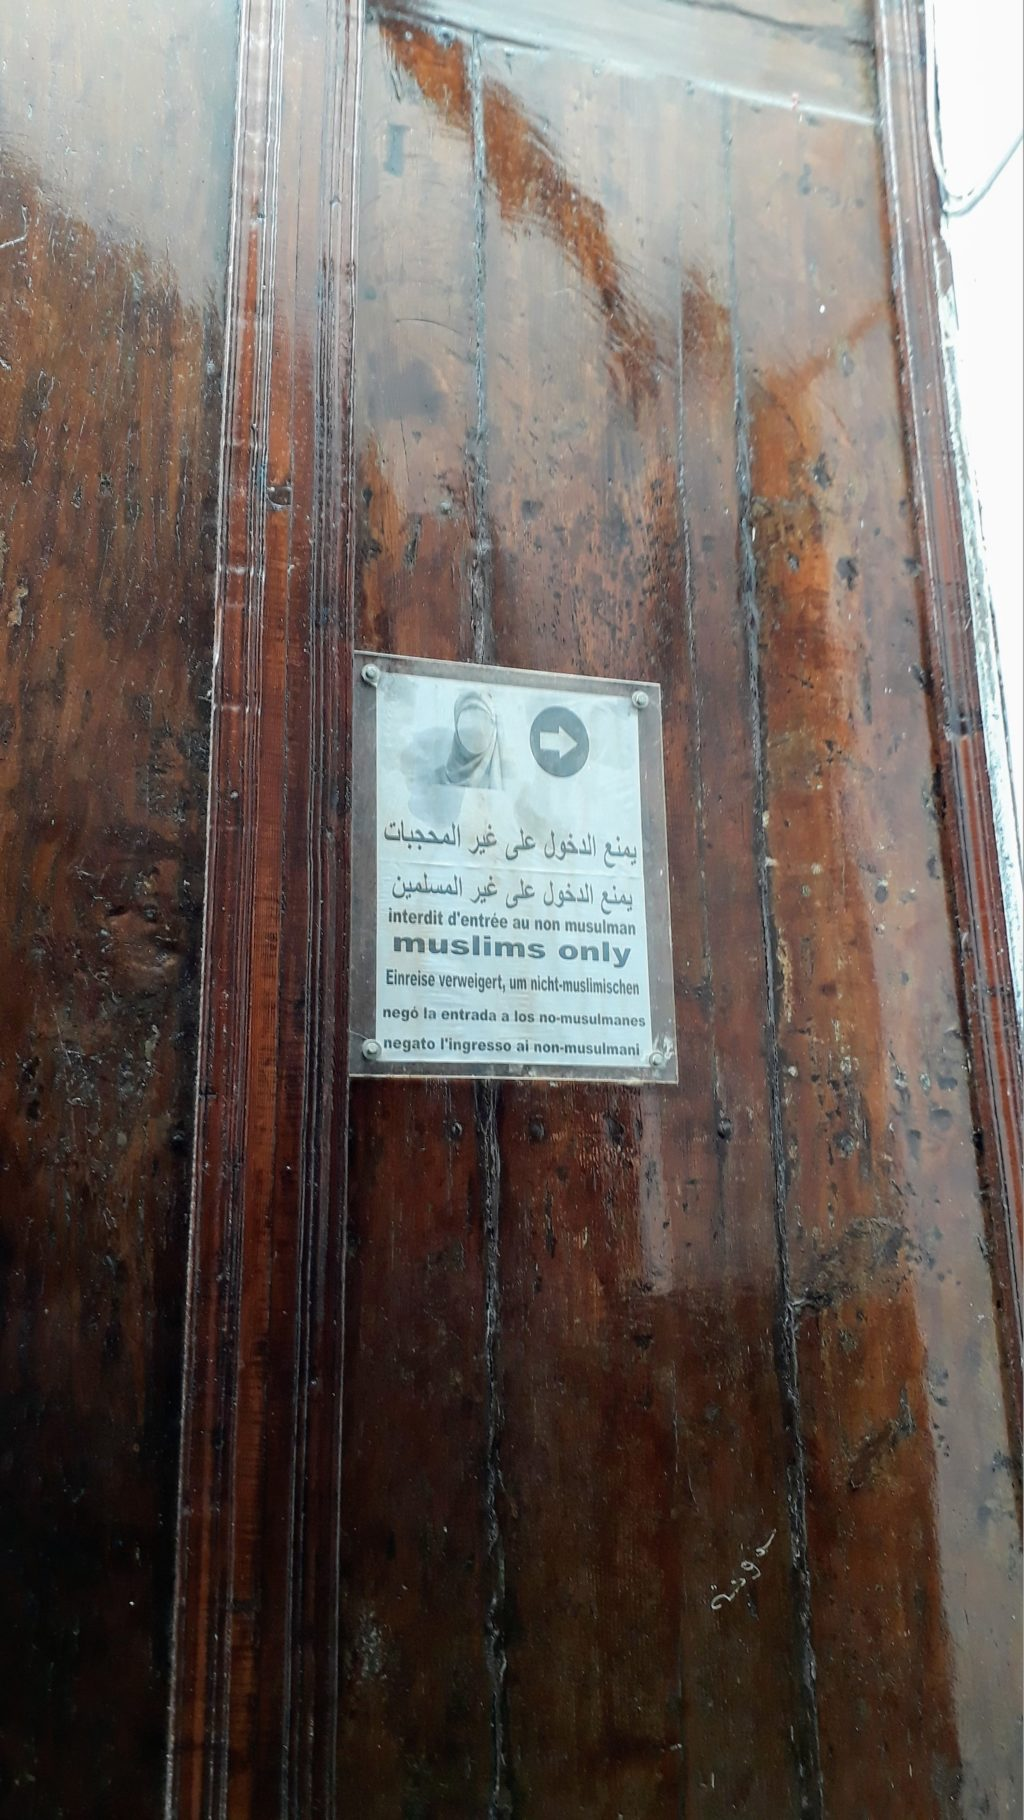 Señal de que la mezquita solo es accesible para los musulmanes